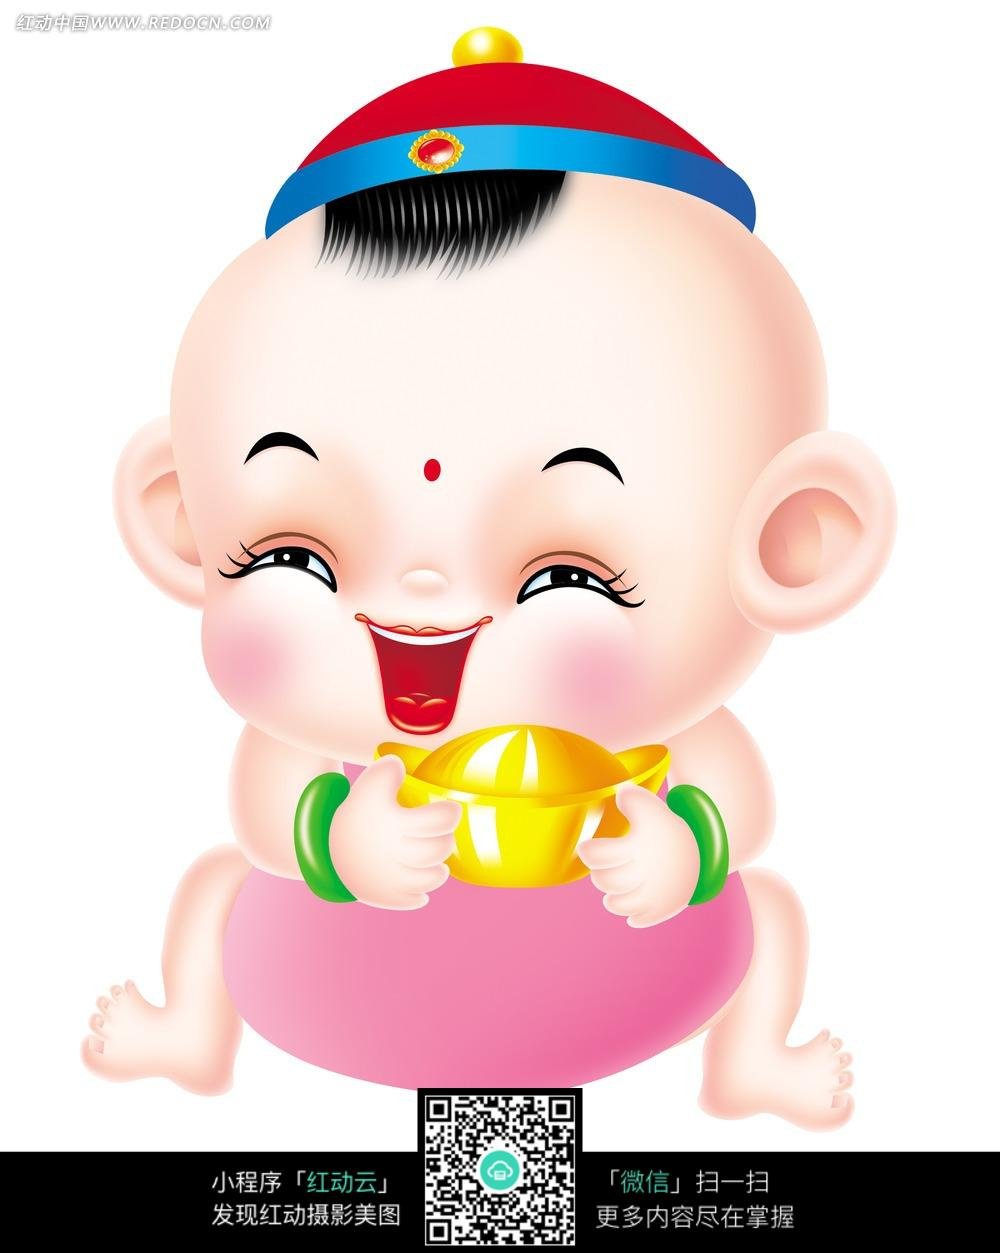 招财宝宝素材_人物卡通图片